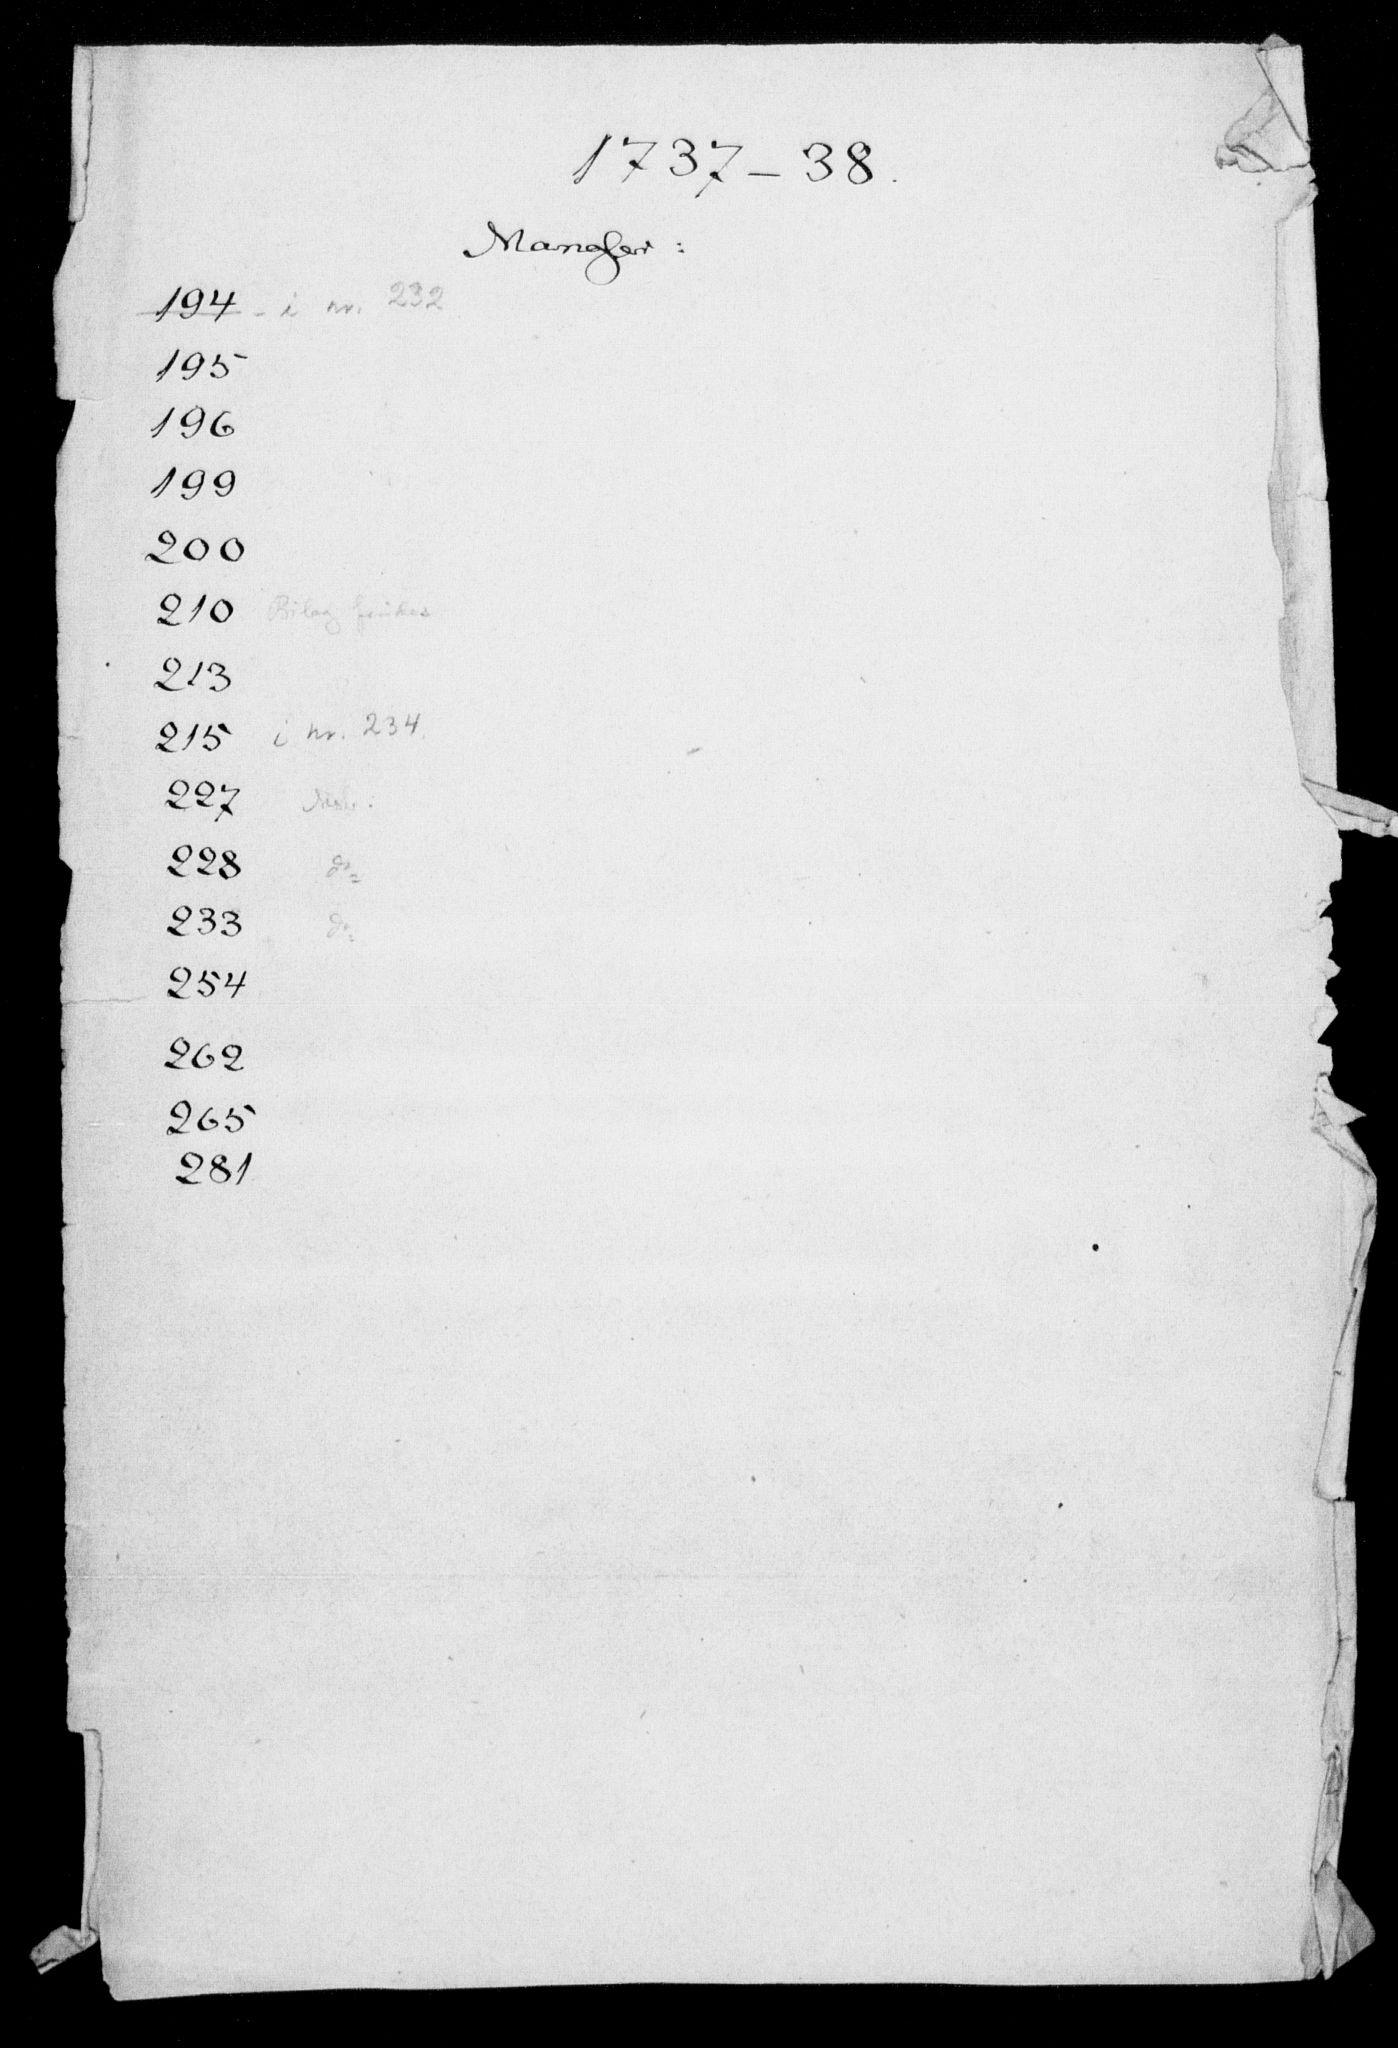 DRA, Generalkirkeinspektionskollegiet, F4-06/F4-06-02: Protokollerede indkomne sager, 1738